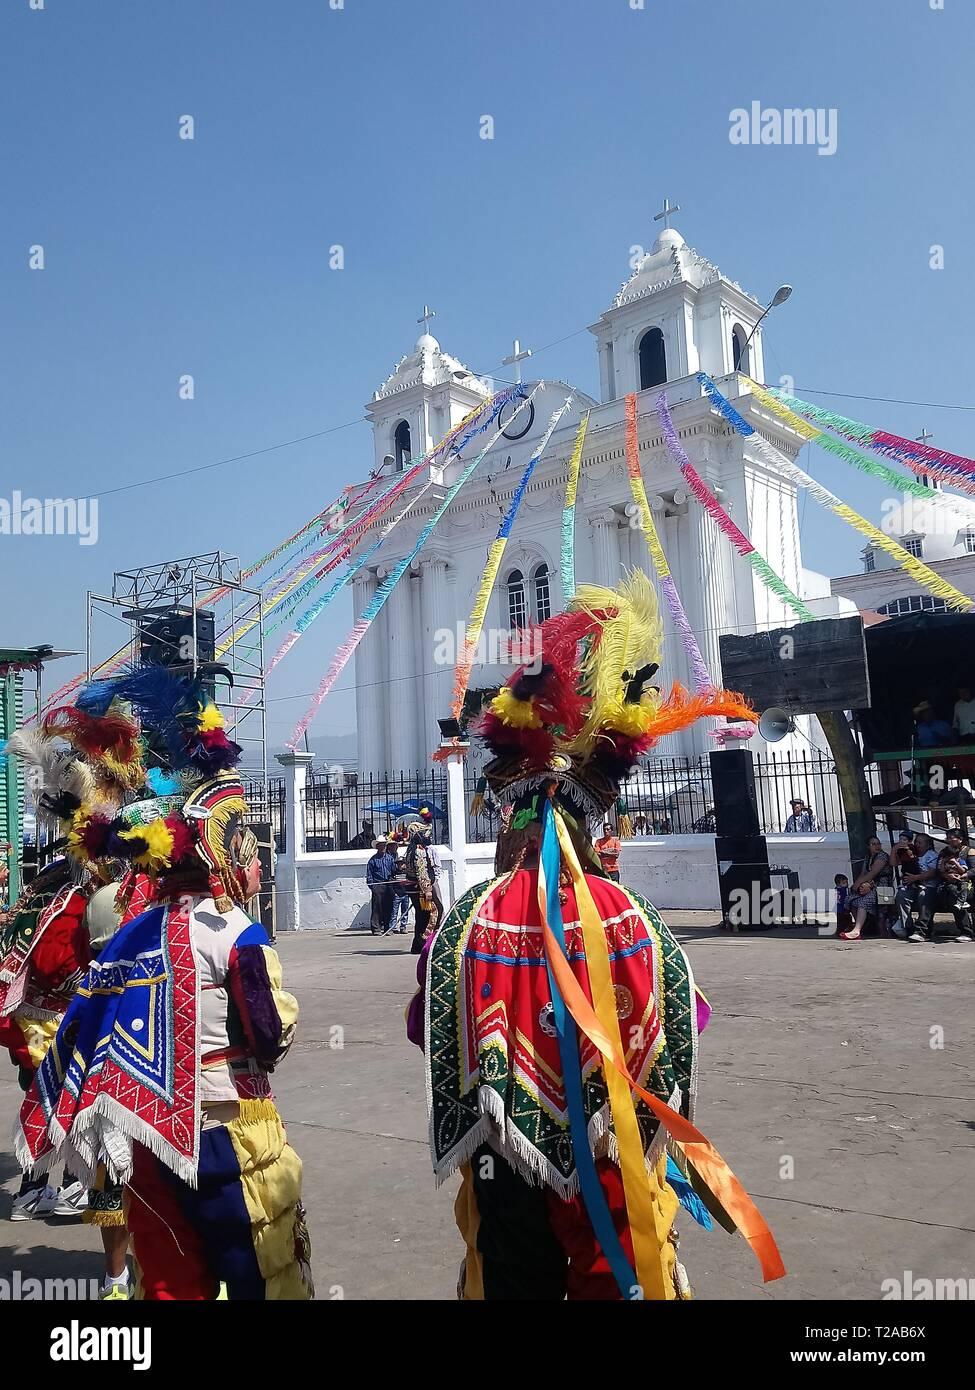 El baile tradicional de los toritos y venados anu tradición guatemalteca cultura única fiesta patronal San juan osculcalco quetzaltenango municipio i Imagen De Stock